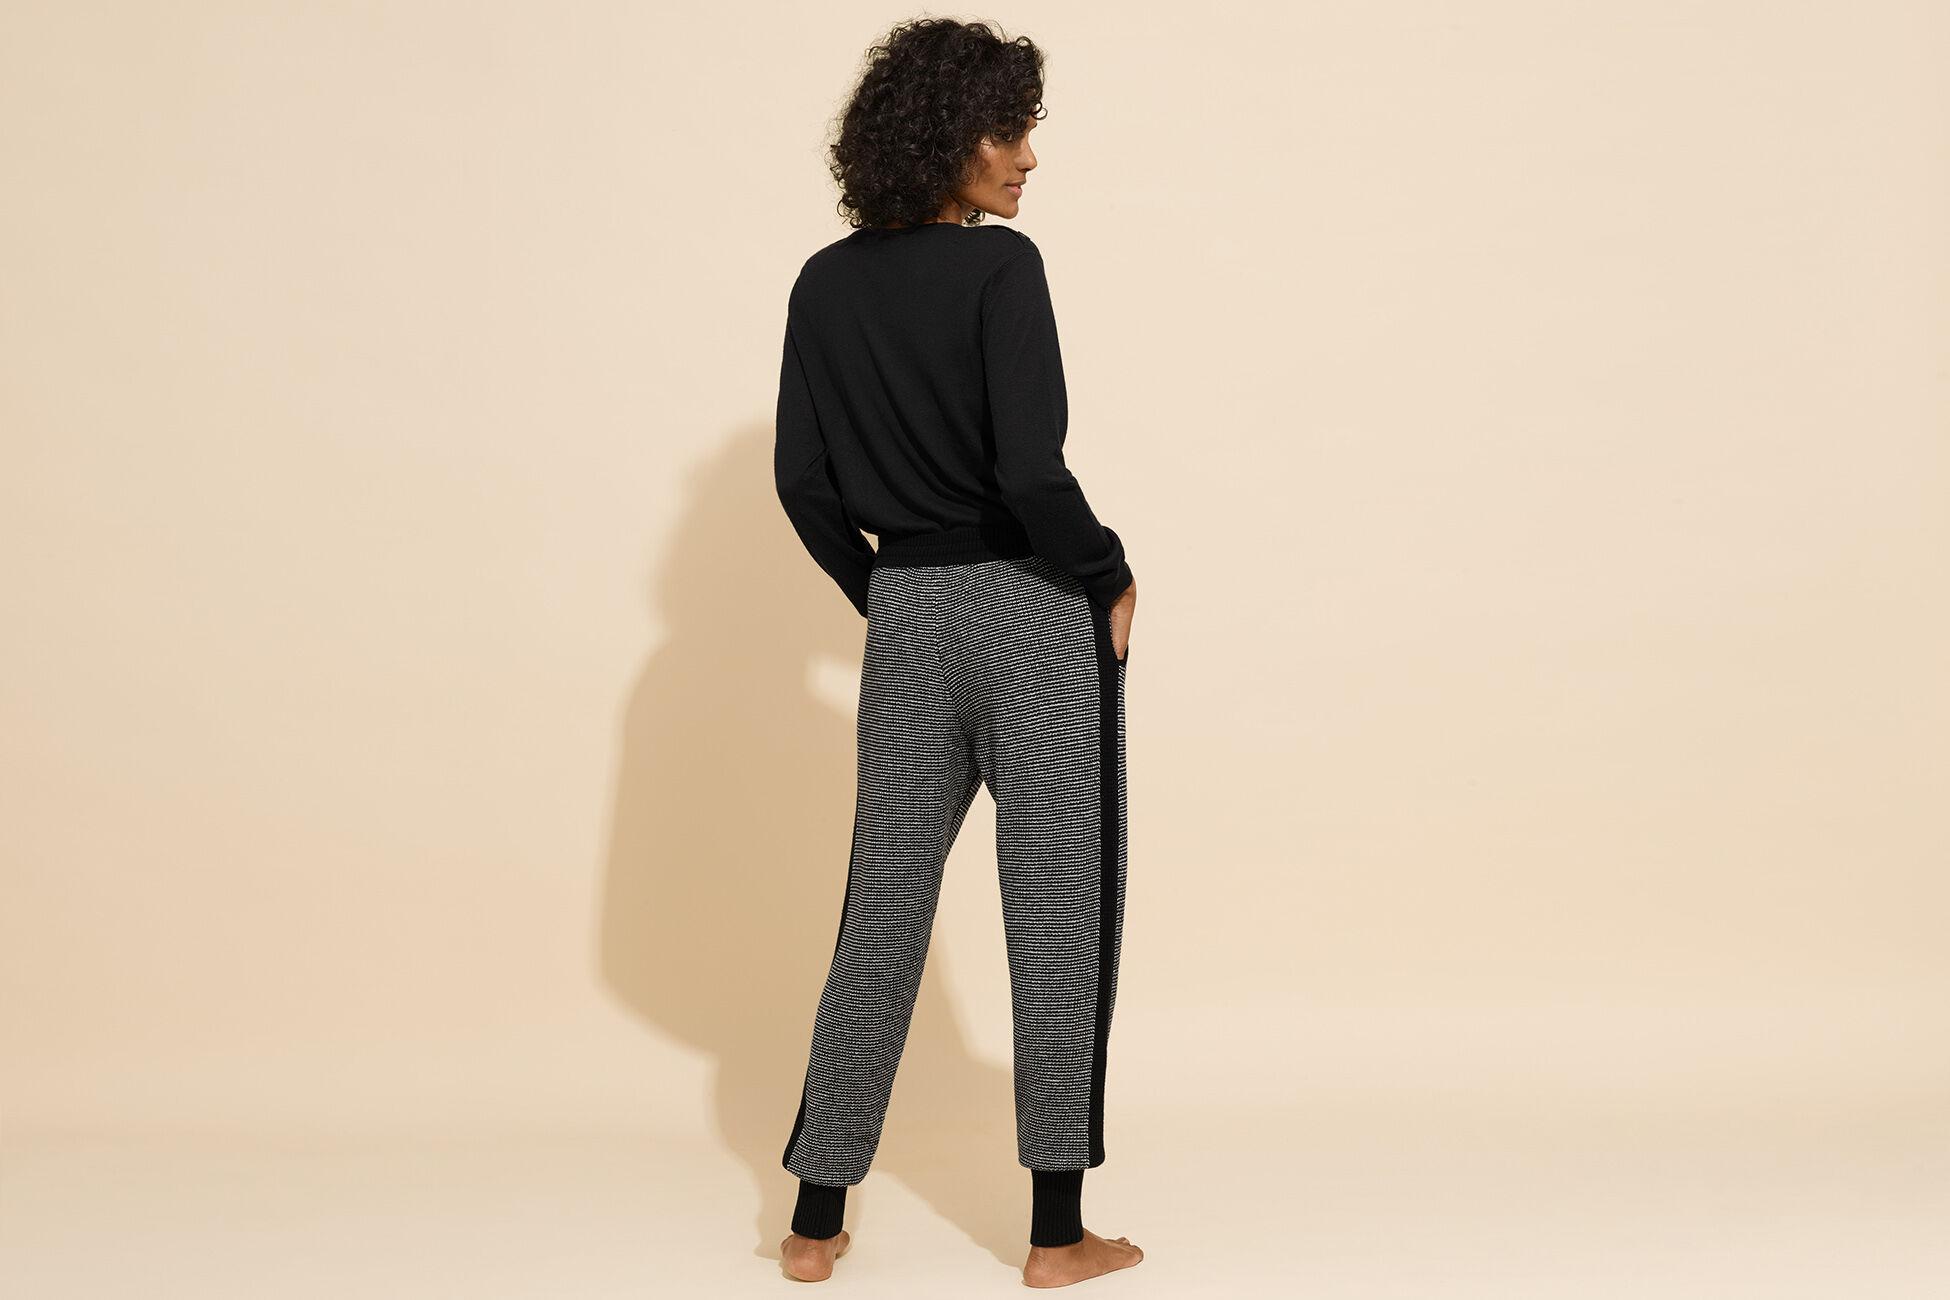 Journal Pantalón de deporte Vista estándar NaN